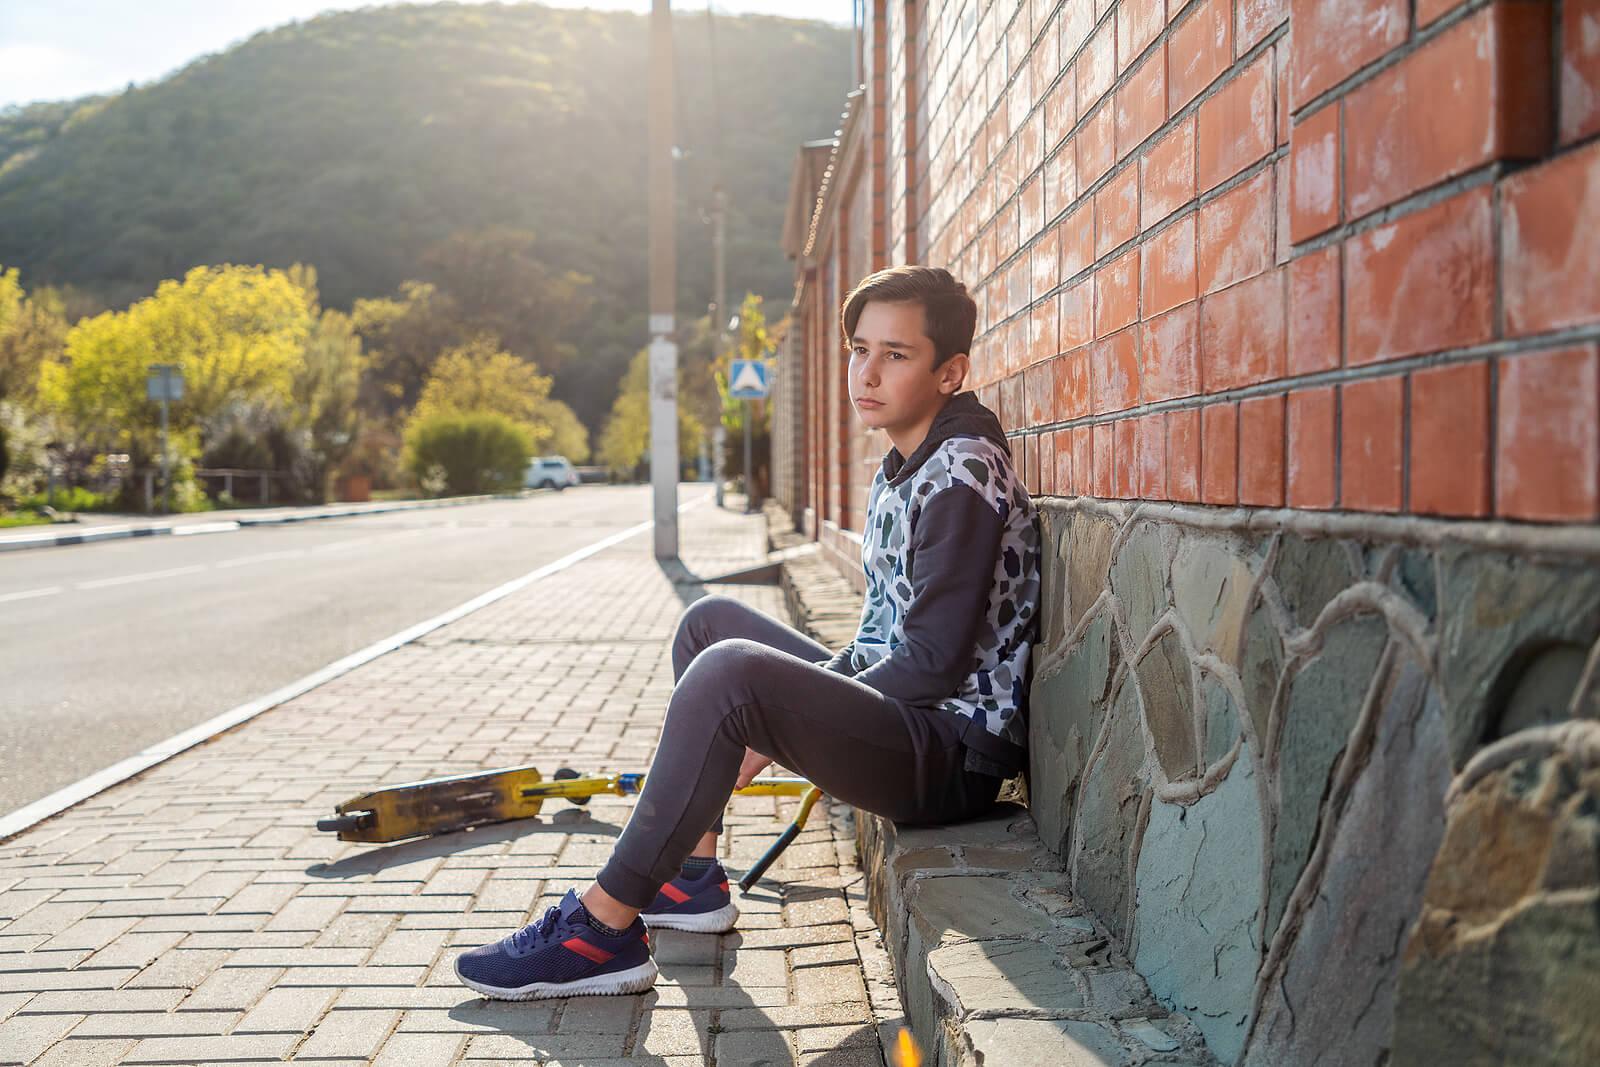 Chico adolescente con su patinete solo sufriendo el síndrome de la adolescencia normal.